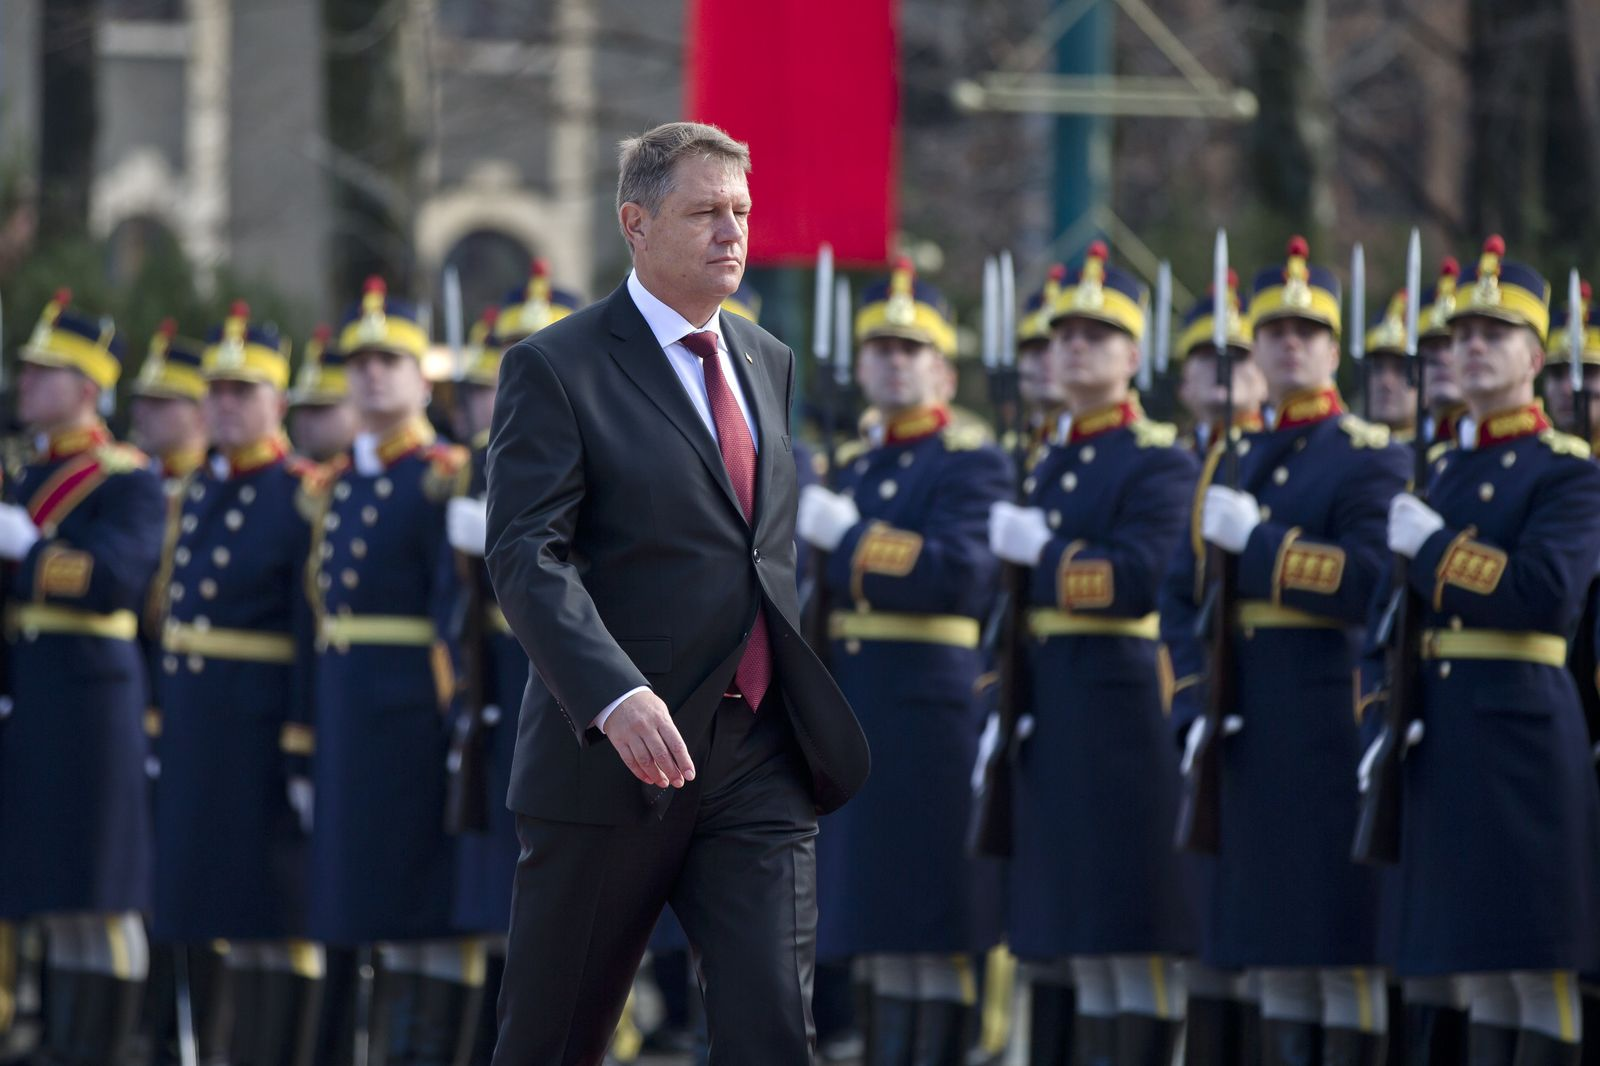 Romania President Iohannis